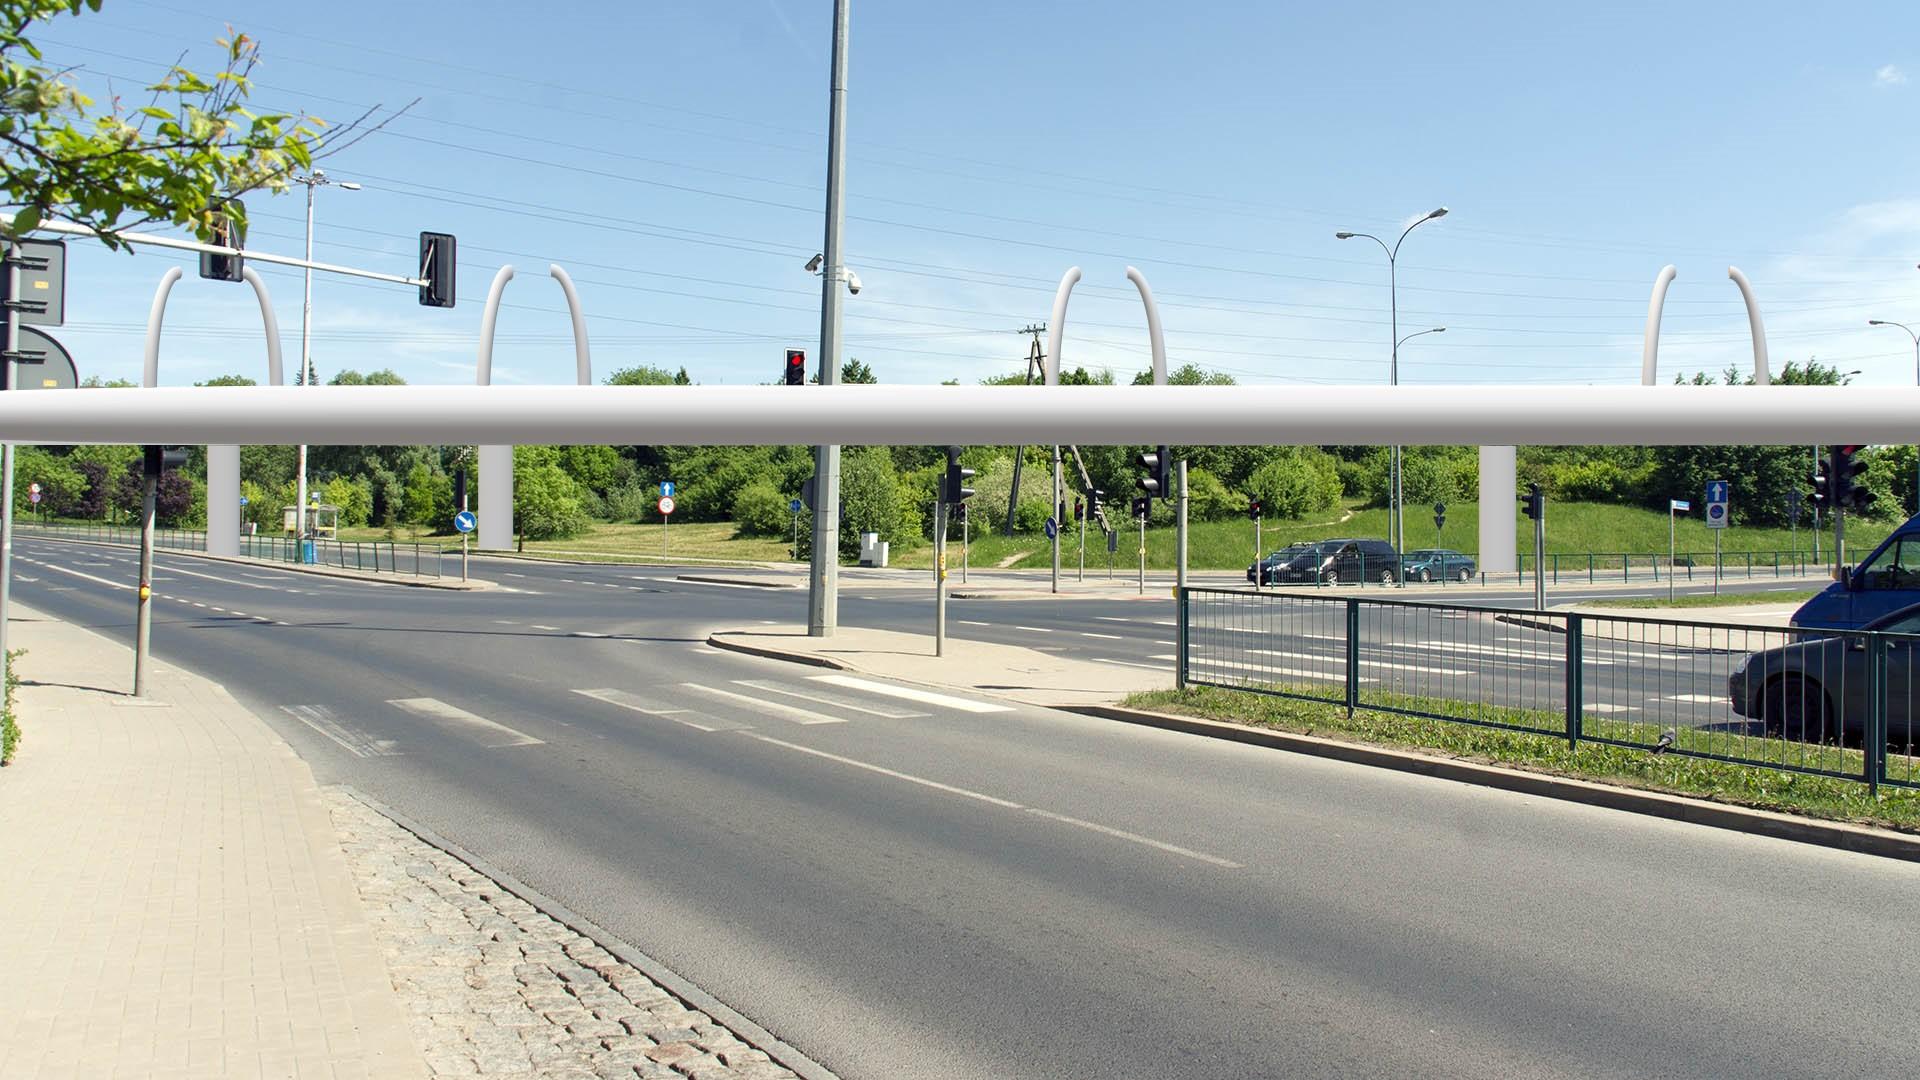 Wizualizacja fragmentu estakady tramwajowej nad skrzyżowaniem ulic Synów Pułku i Krasickiego